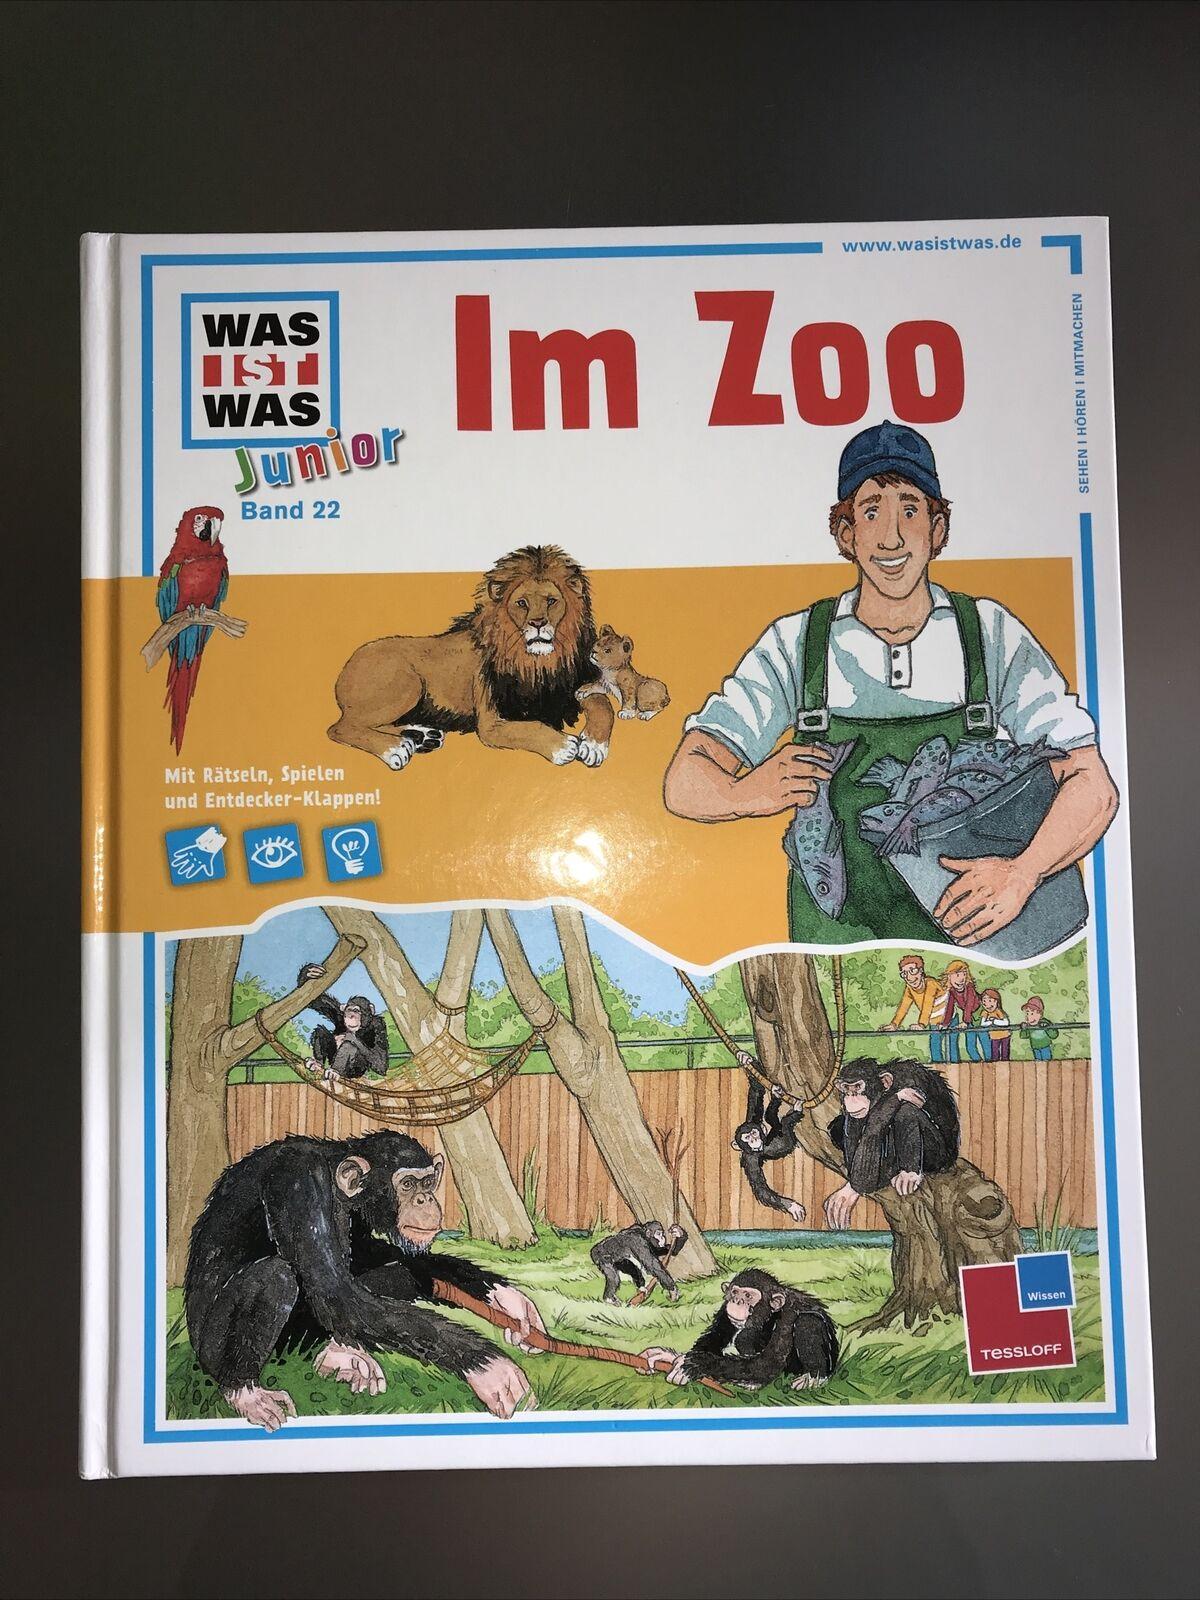 Im Zoo / Was ist was junior Bd.22 von Sabine Schuck (2017, Klappenbroschur)